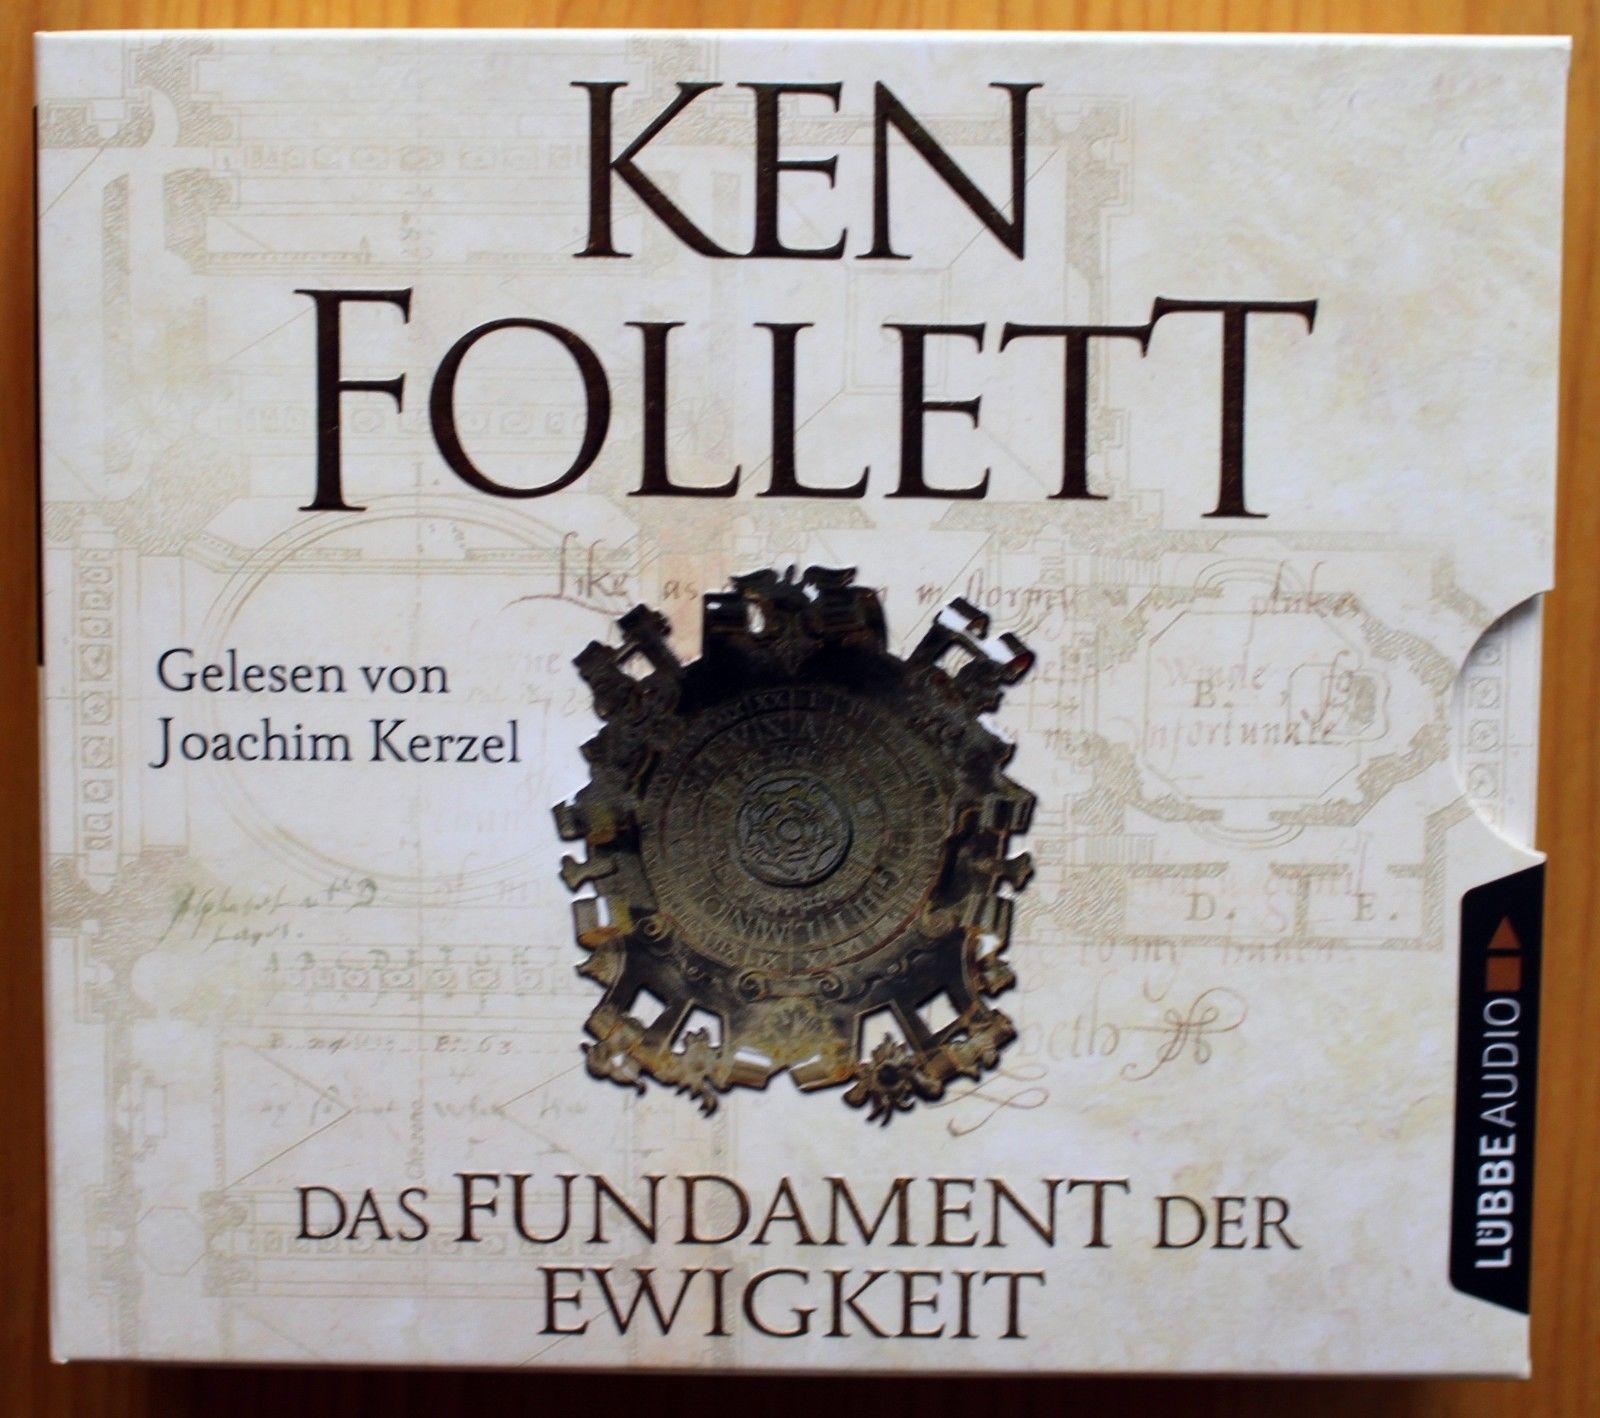 Ken Follett - Das Fundament der Ewigkeit - Hörbuch 12 Audio CD´s - neuwertig TOP